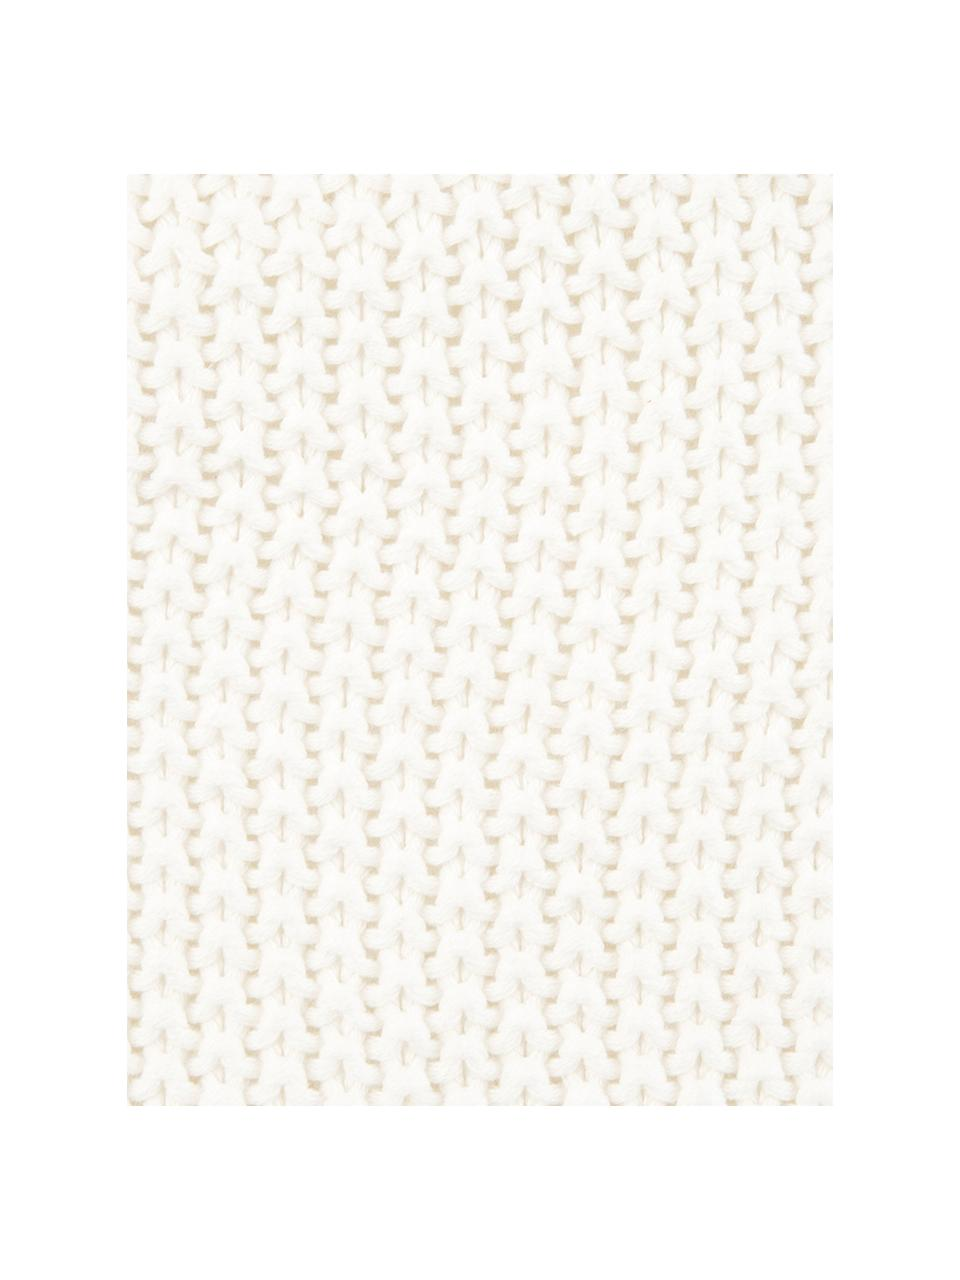 Federa arredo fatta a maglia con pompon Molly, 100% cotone, Bianco crema, Larg. 40 x Lung. 40 cm